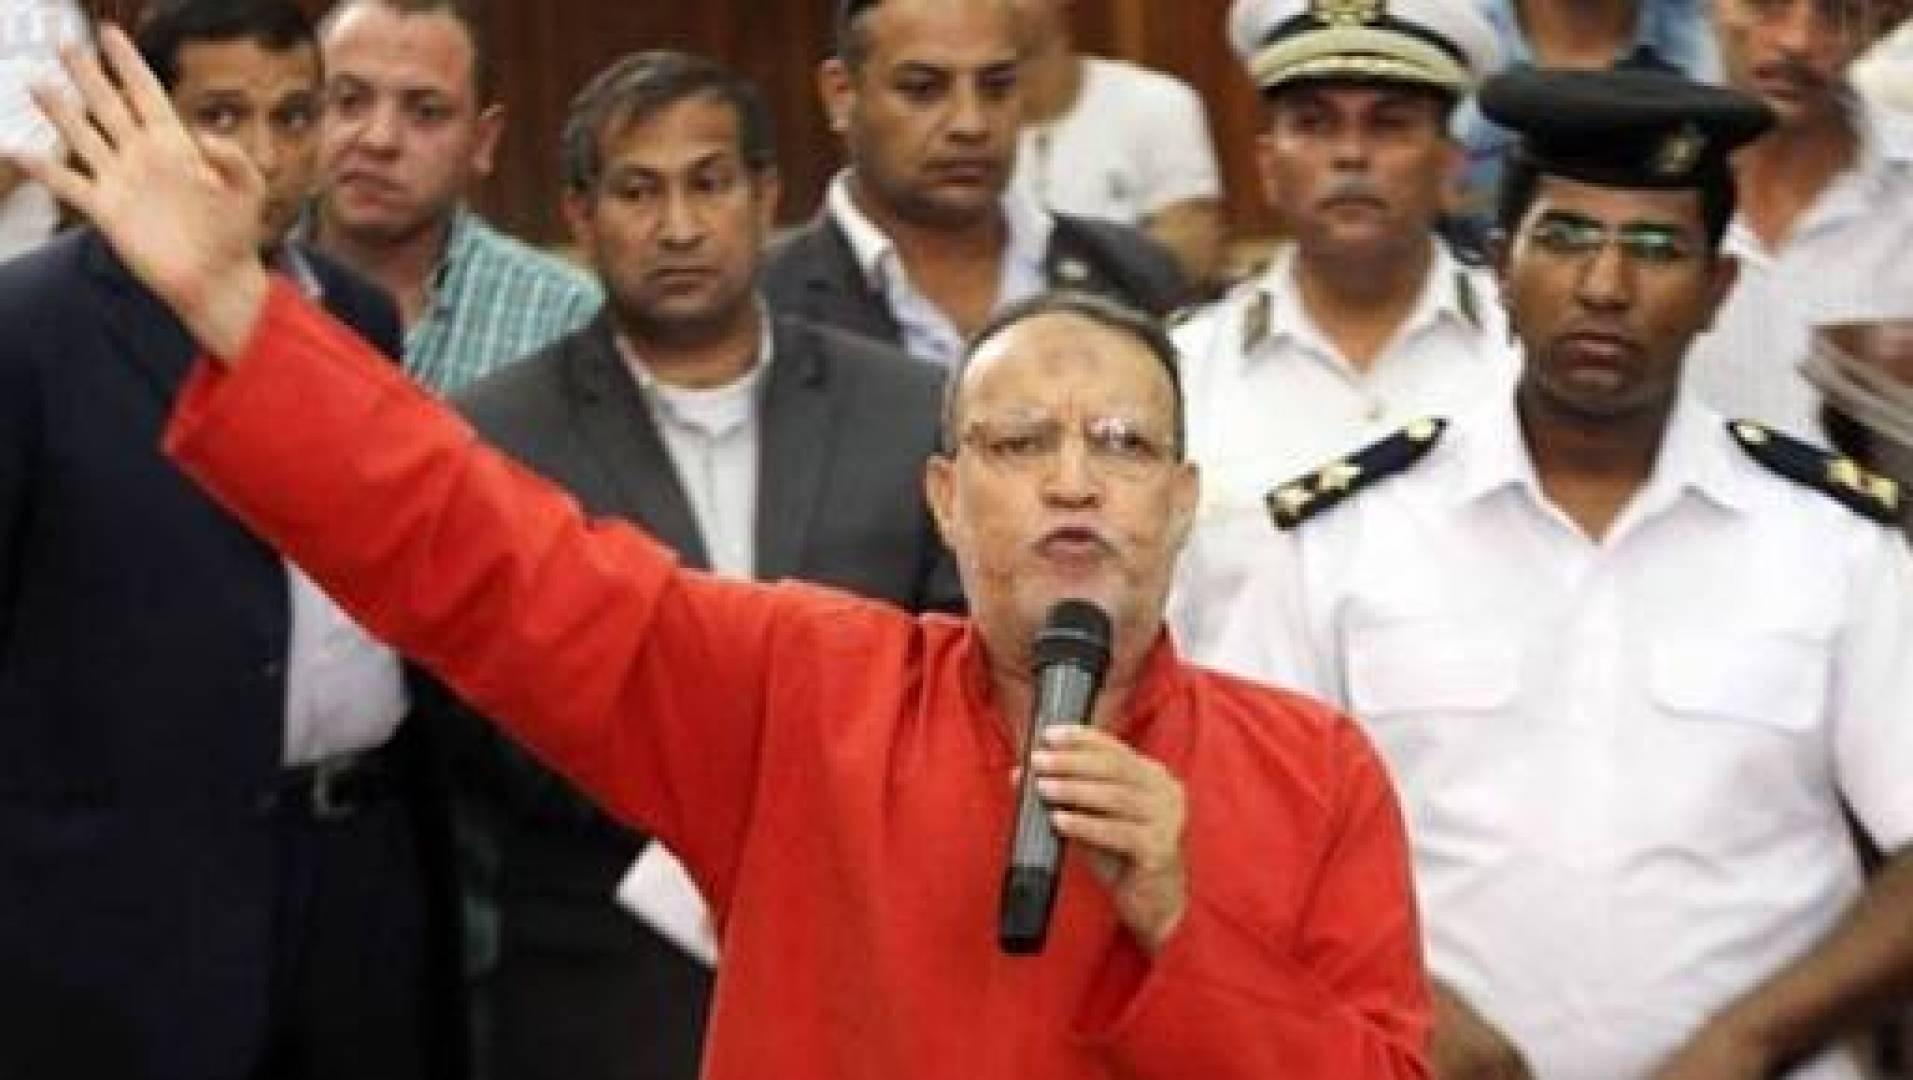 وفاة القيادي في جماعة الإخوان المسلمين المصرية عصام العريان